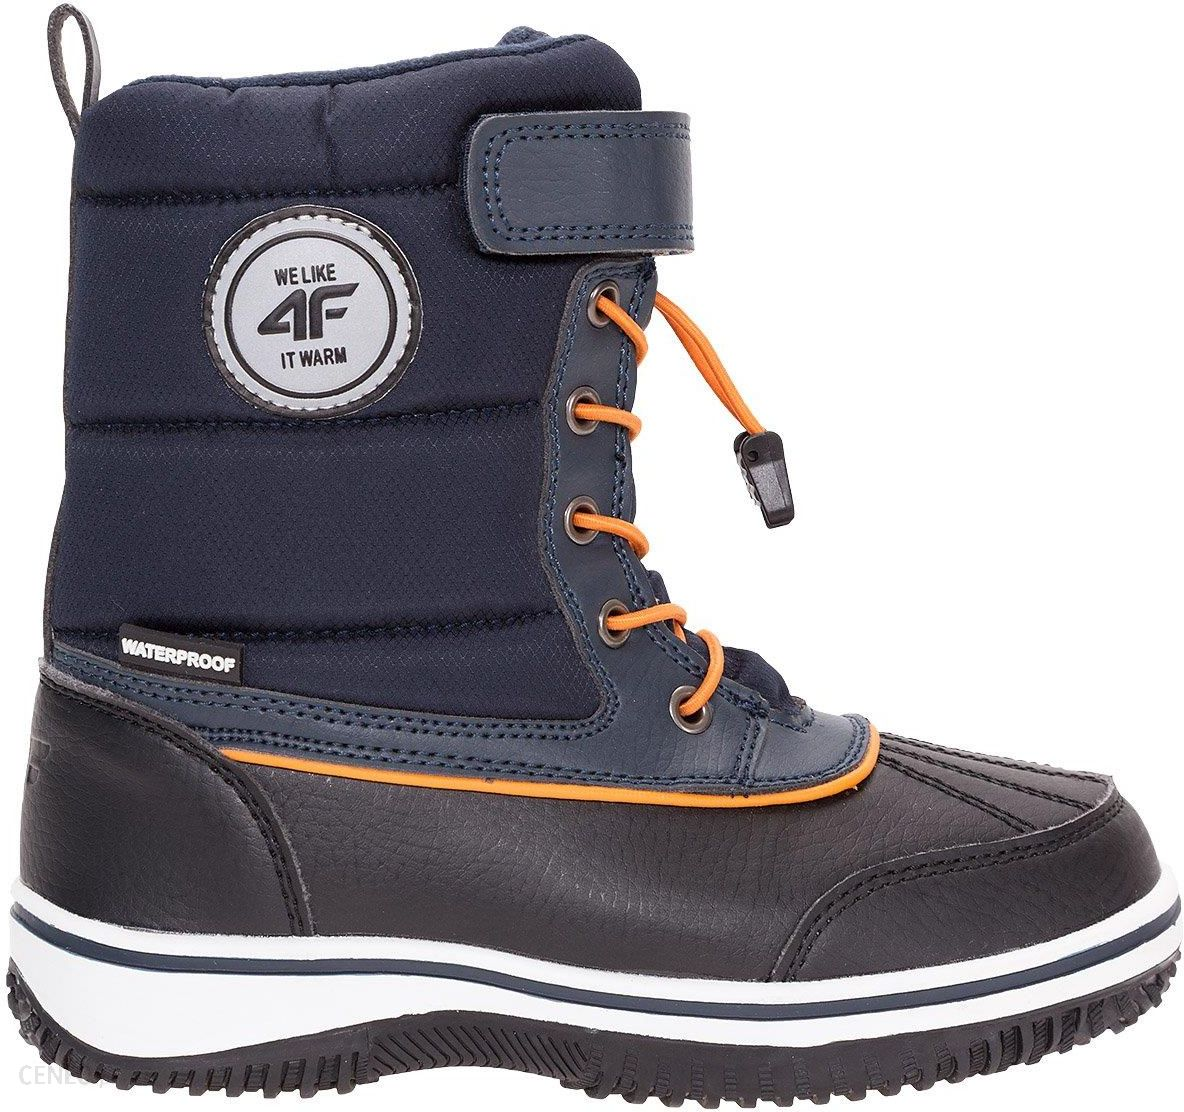 06b50e80 Buty zimowe dla dużych chłopców JOBMW404Z - granatowy 4F JUNIOR - zdjęcie 1